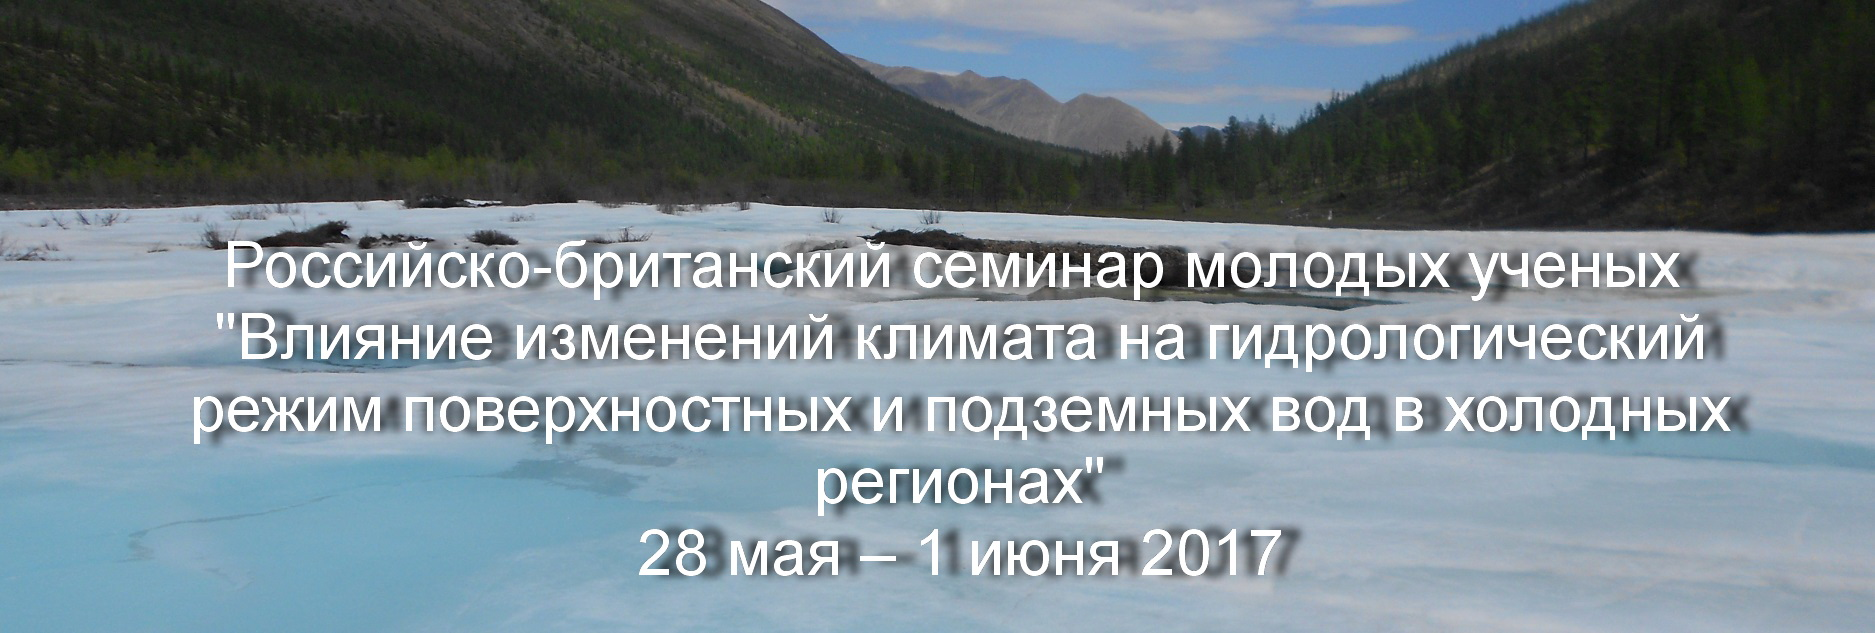 Российско-британский семинар